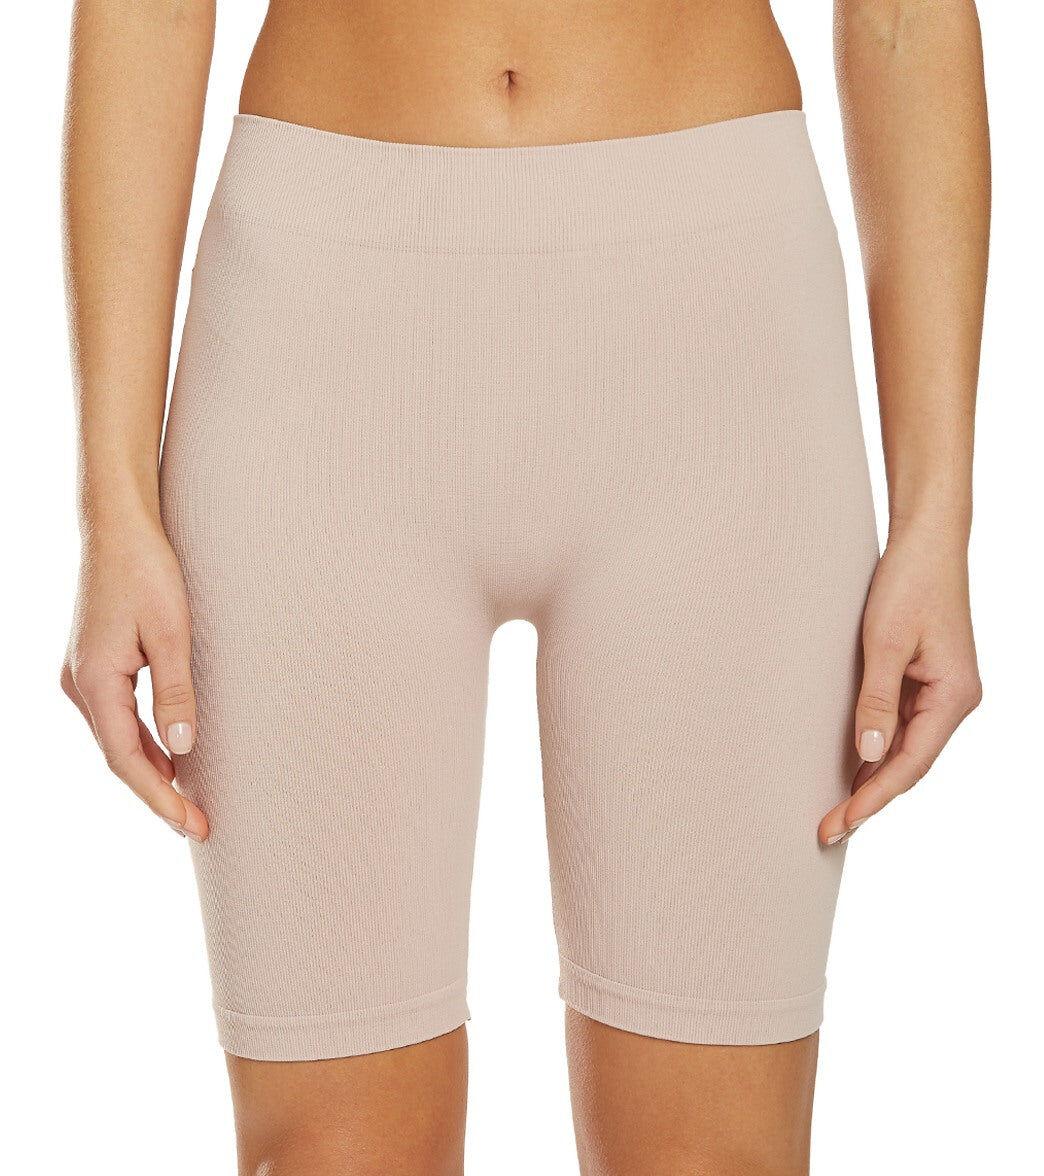 Free People Women's Seamless Bike Shorts - Pink - Medium/Large Spandex